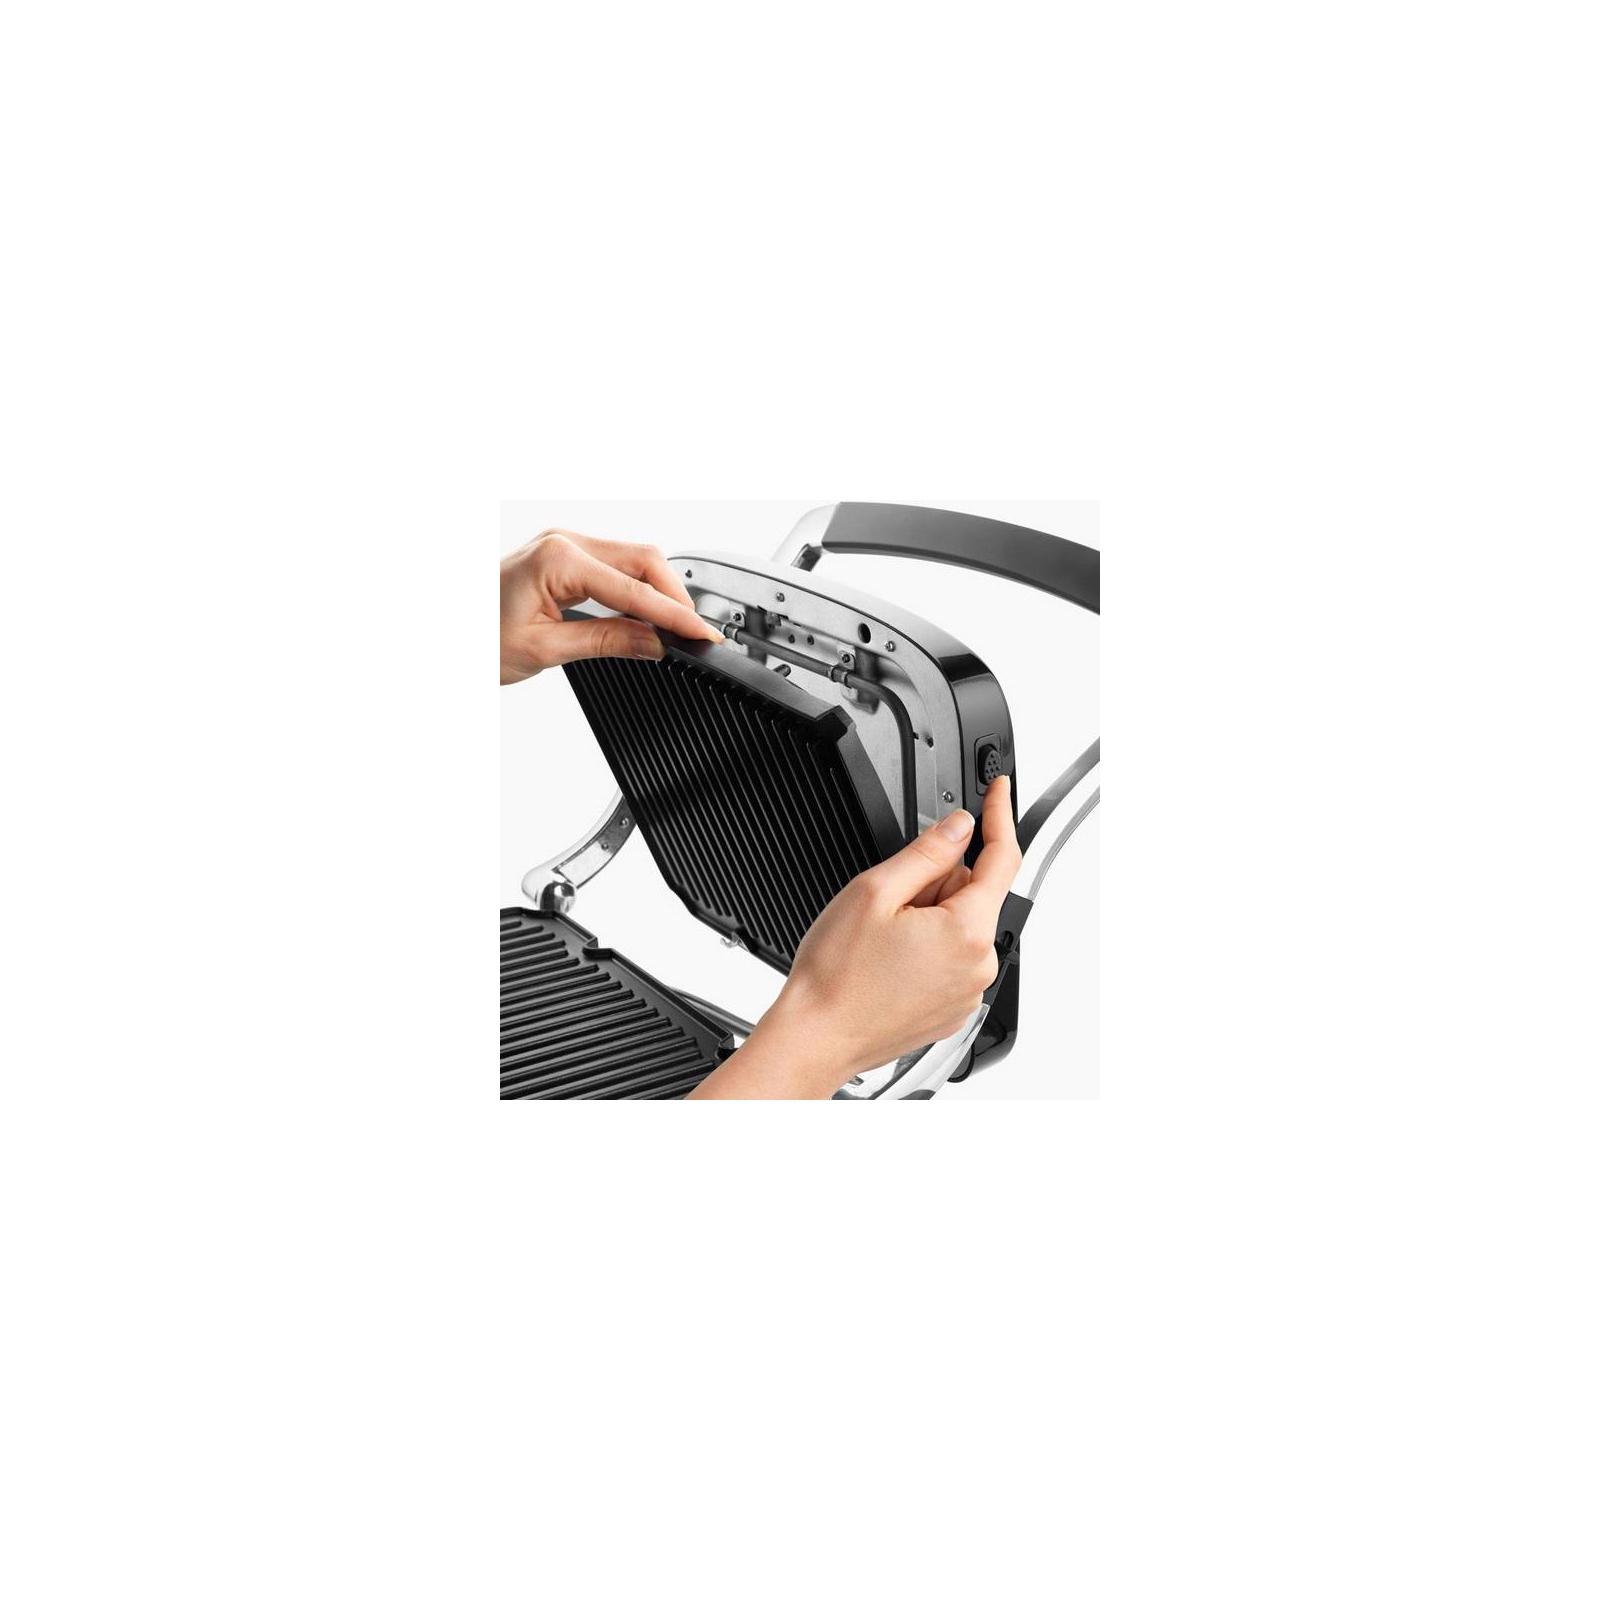 Электрогриль DeLonghi CGH 900 С изображение 3